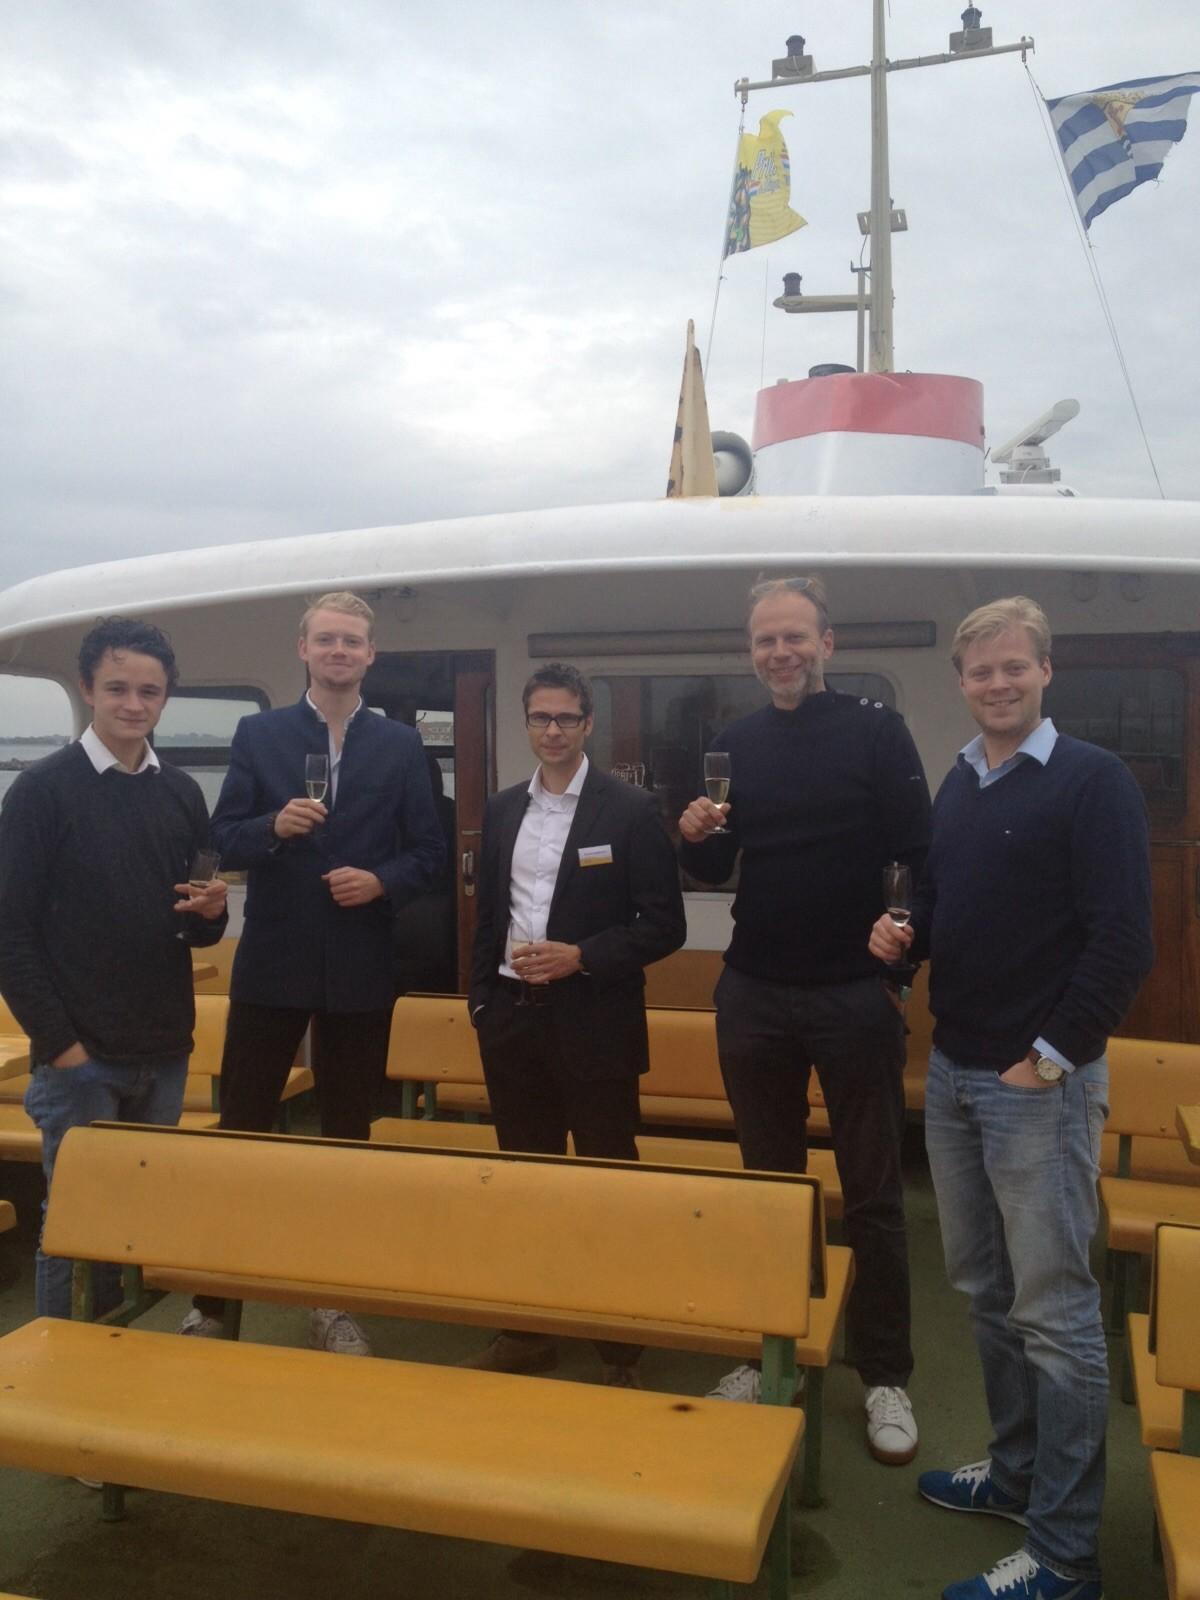 Oestermannen op een boot